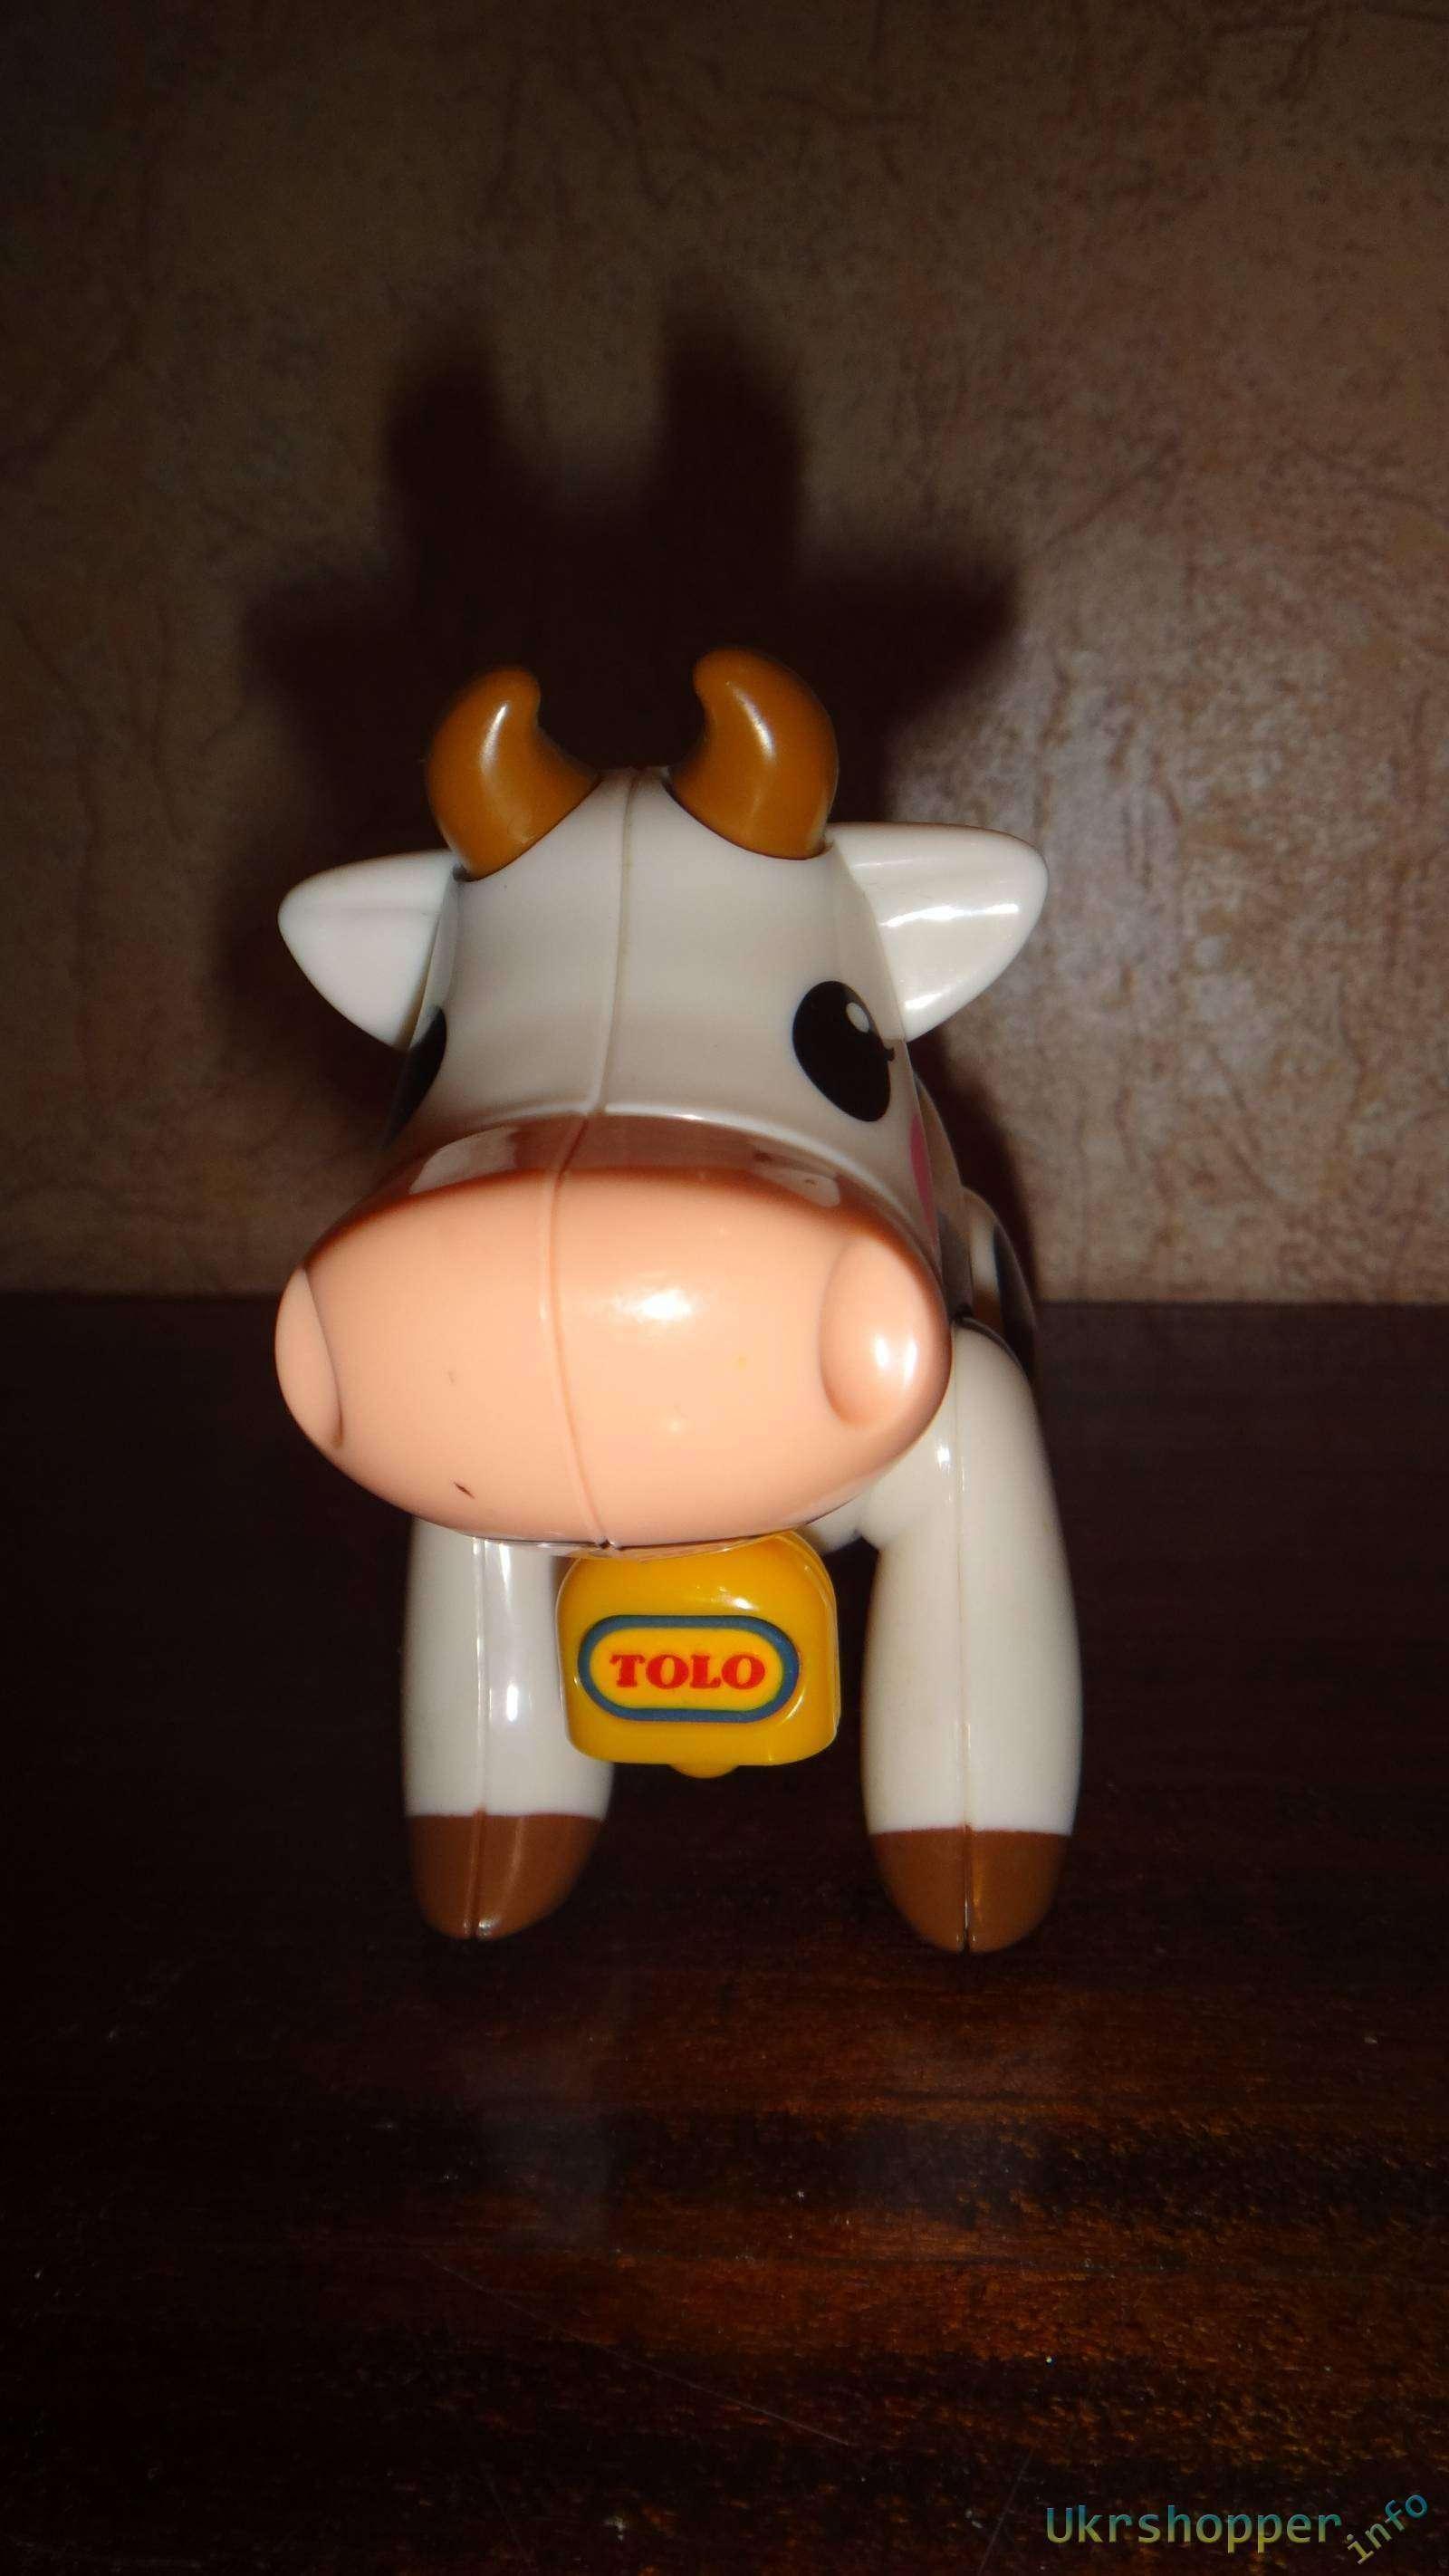 Amazon: Обзор игрушек-трескучек фирмы Tolo коровки и свиньи из серии 'Первые друзья'